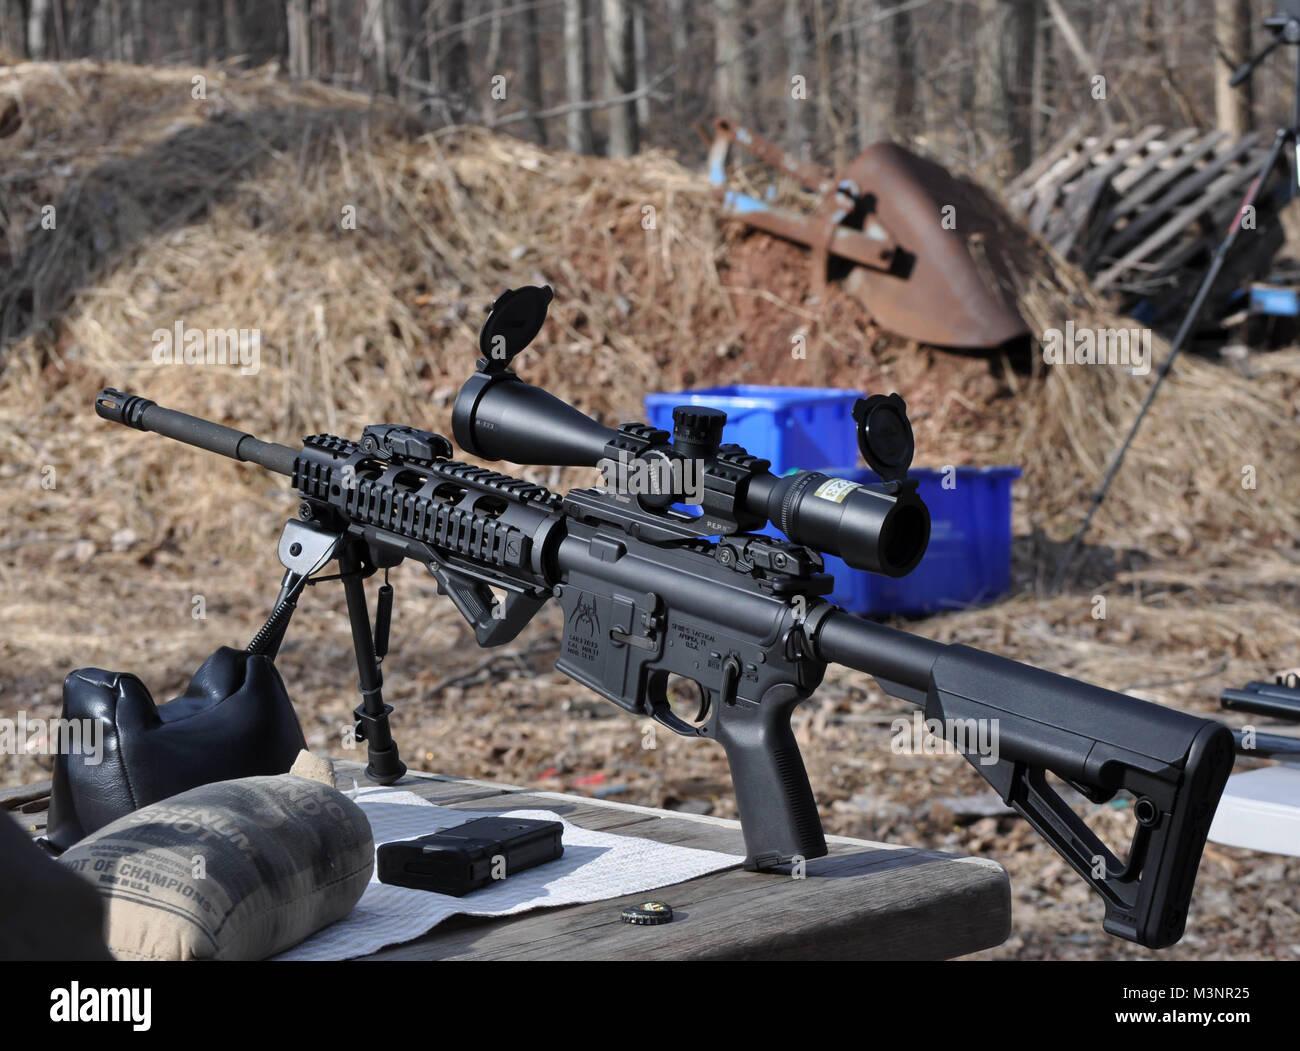 ar15 ar 15 assault gun rifle 5 56 caliber stock photo 174426733 alamy